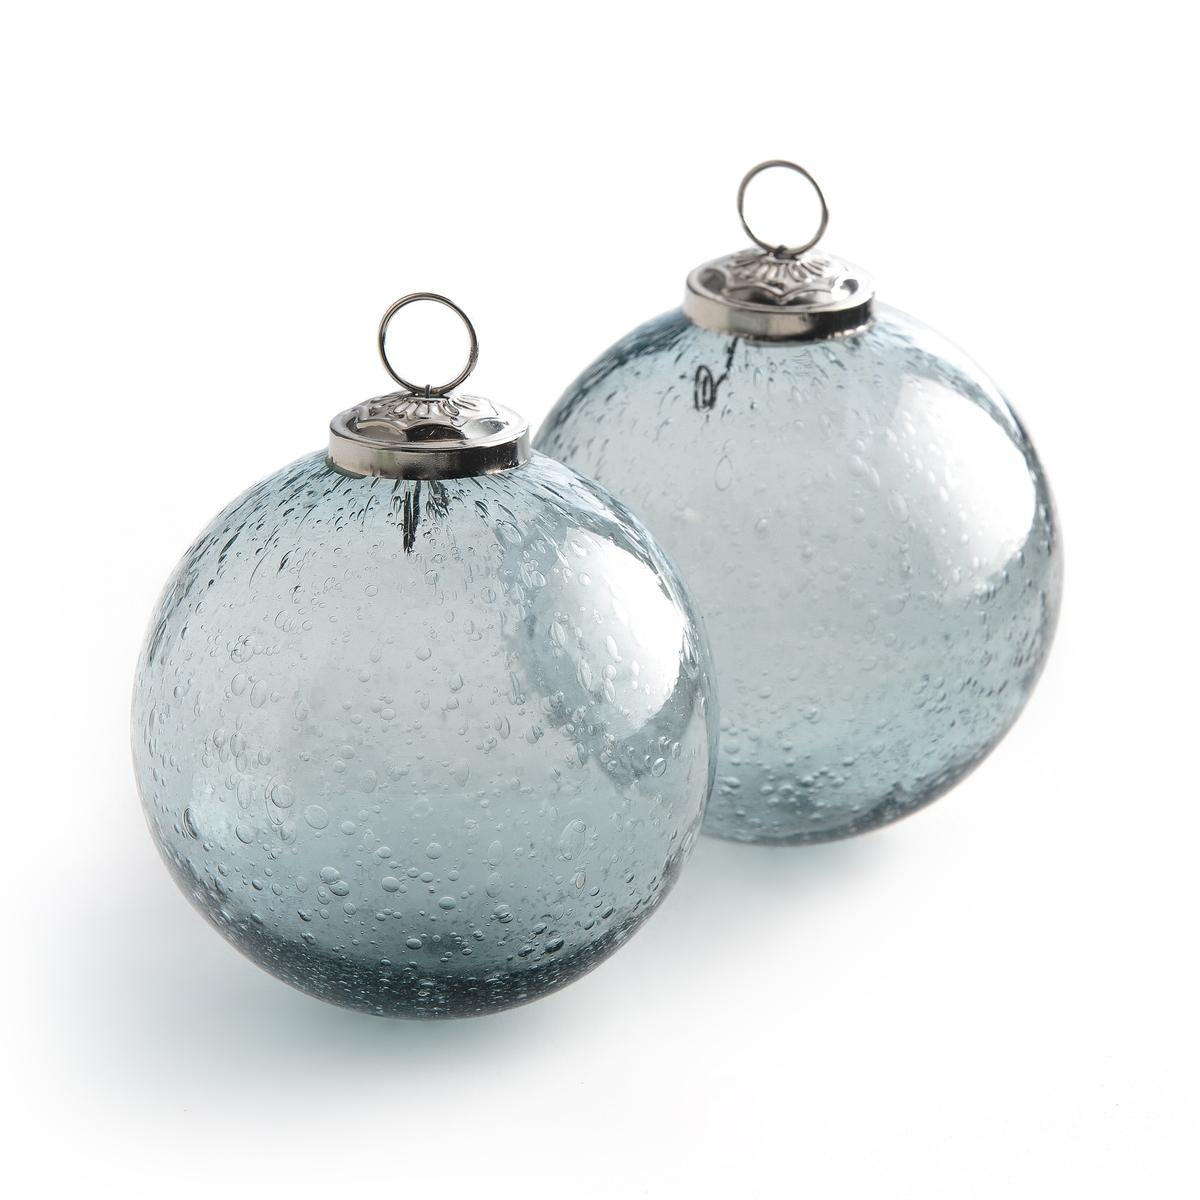 Шар елочный из стекла ?10 см Edinia (комплект из 2)Описание:2 елочных шара из стекла Edinia. Шары выполнены из дутого стекла с пузырьками, они придадут вашей ели изысканности.      Крючок из металла, веревочка не поставляется. Размеры : Ш10 x В11,5 см. Комплект из 2. Сочетайте с шарами Edinia ?7,5 см, которые вы найдете на нащем сайте.<br><br>Цвет: зеленый,синий индиго